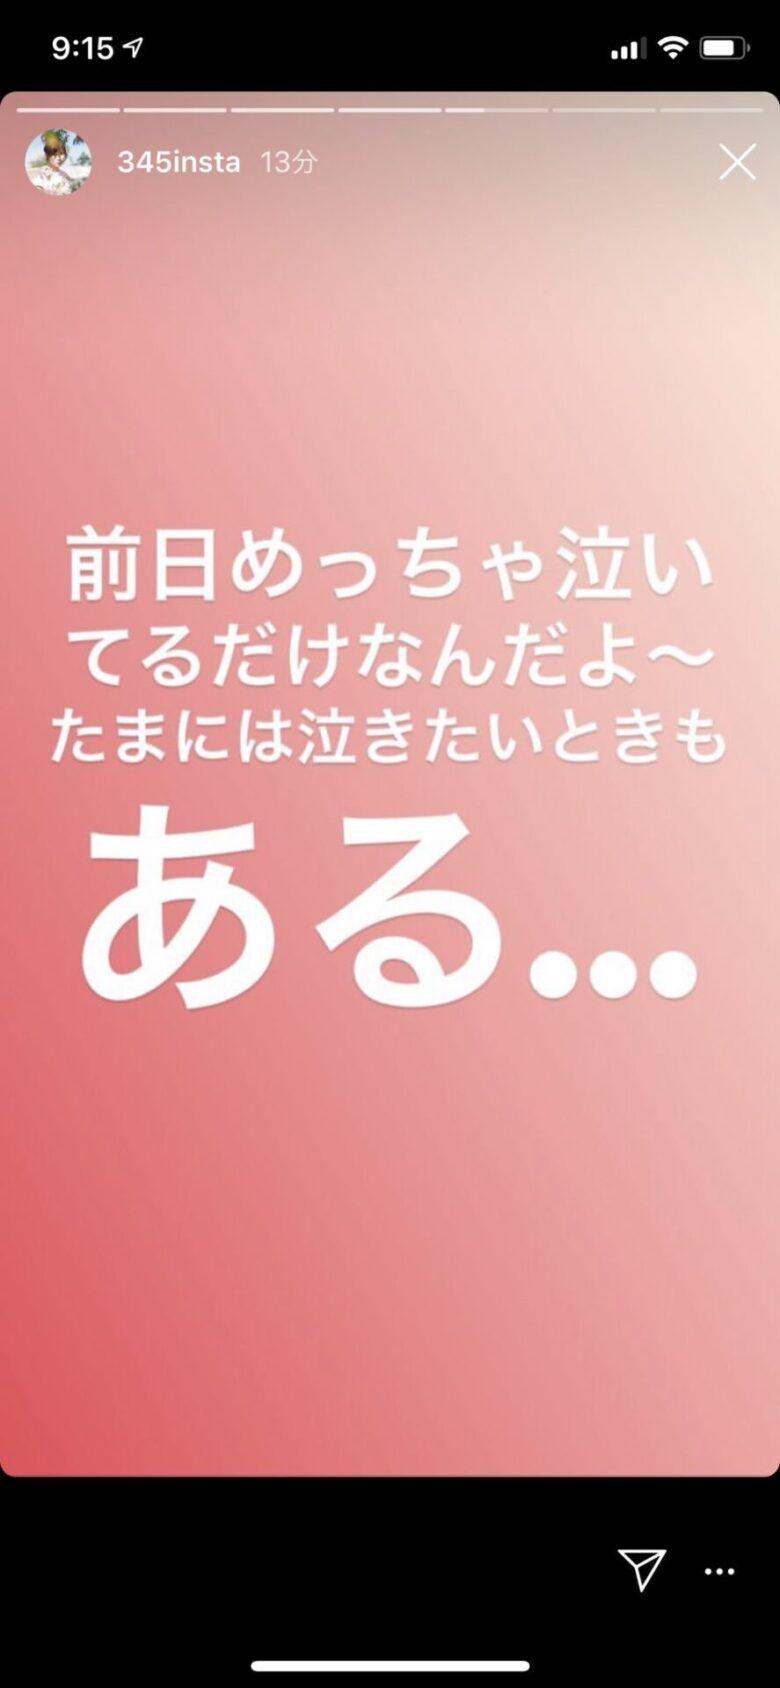 指原莉乃の目の整形ダウンタイム疑惑,インスタストーリーで泣きすぎ説明